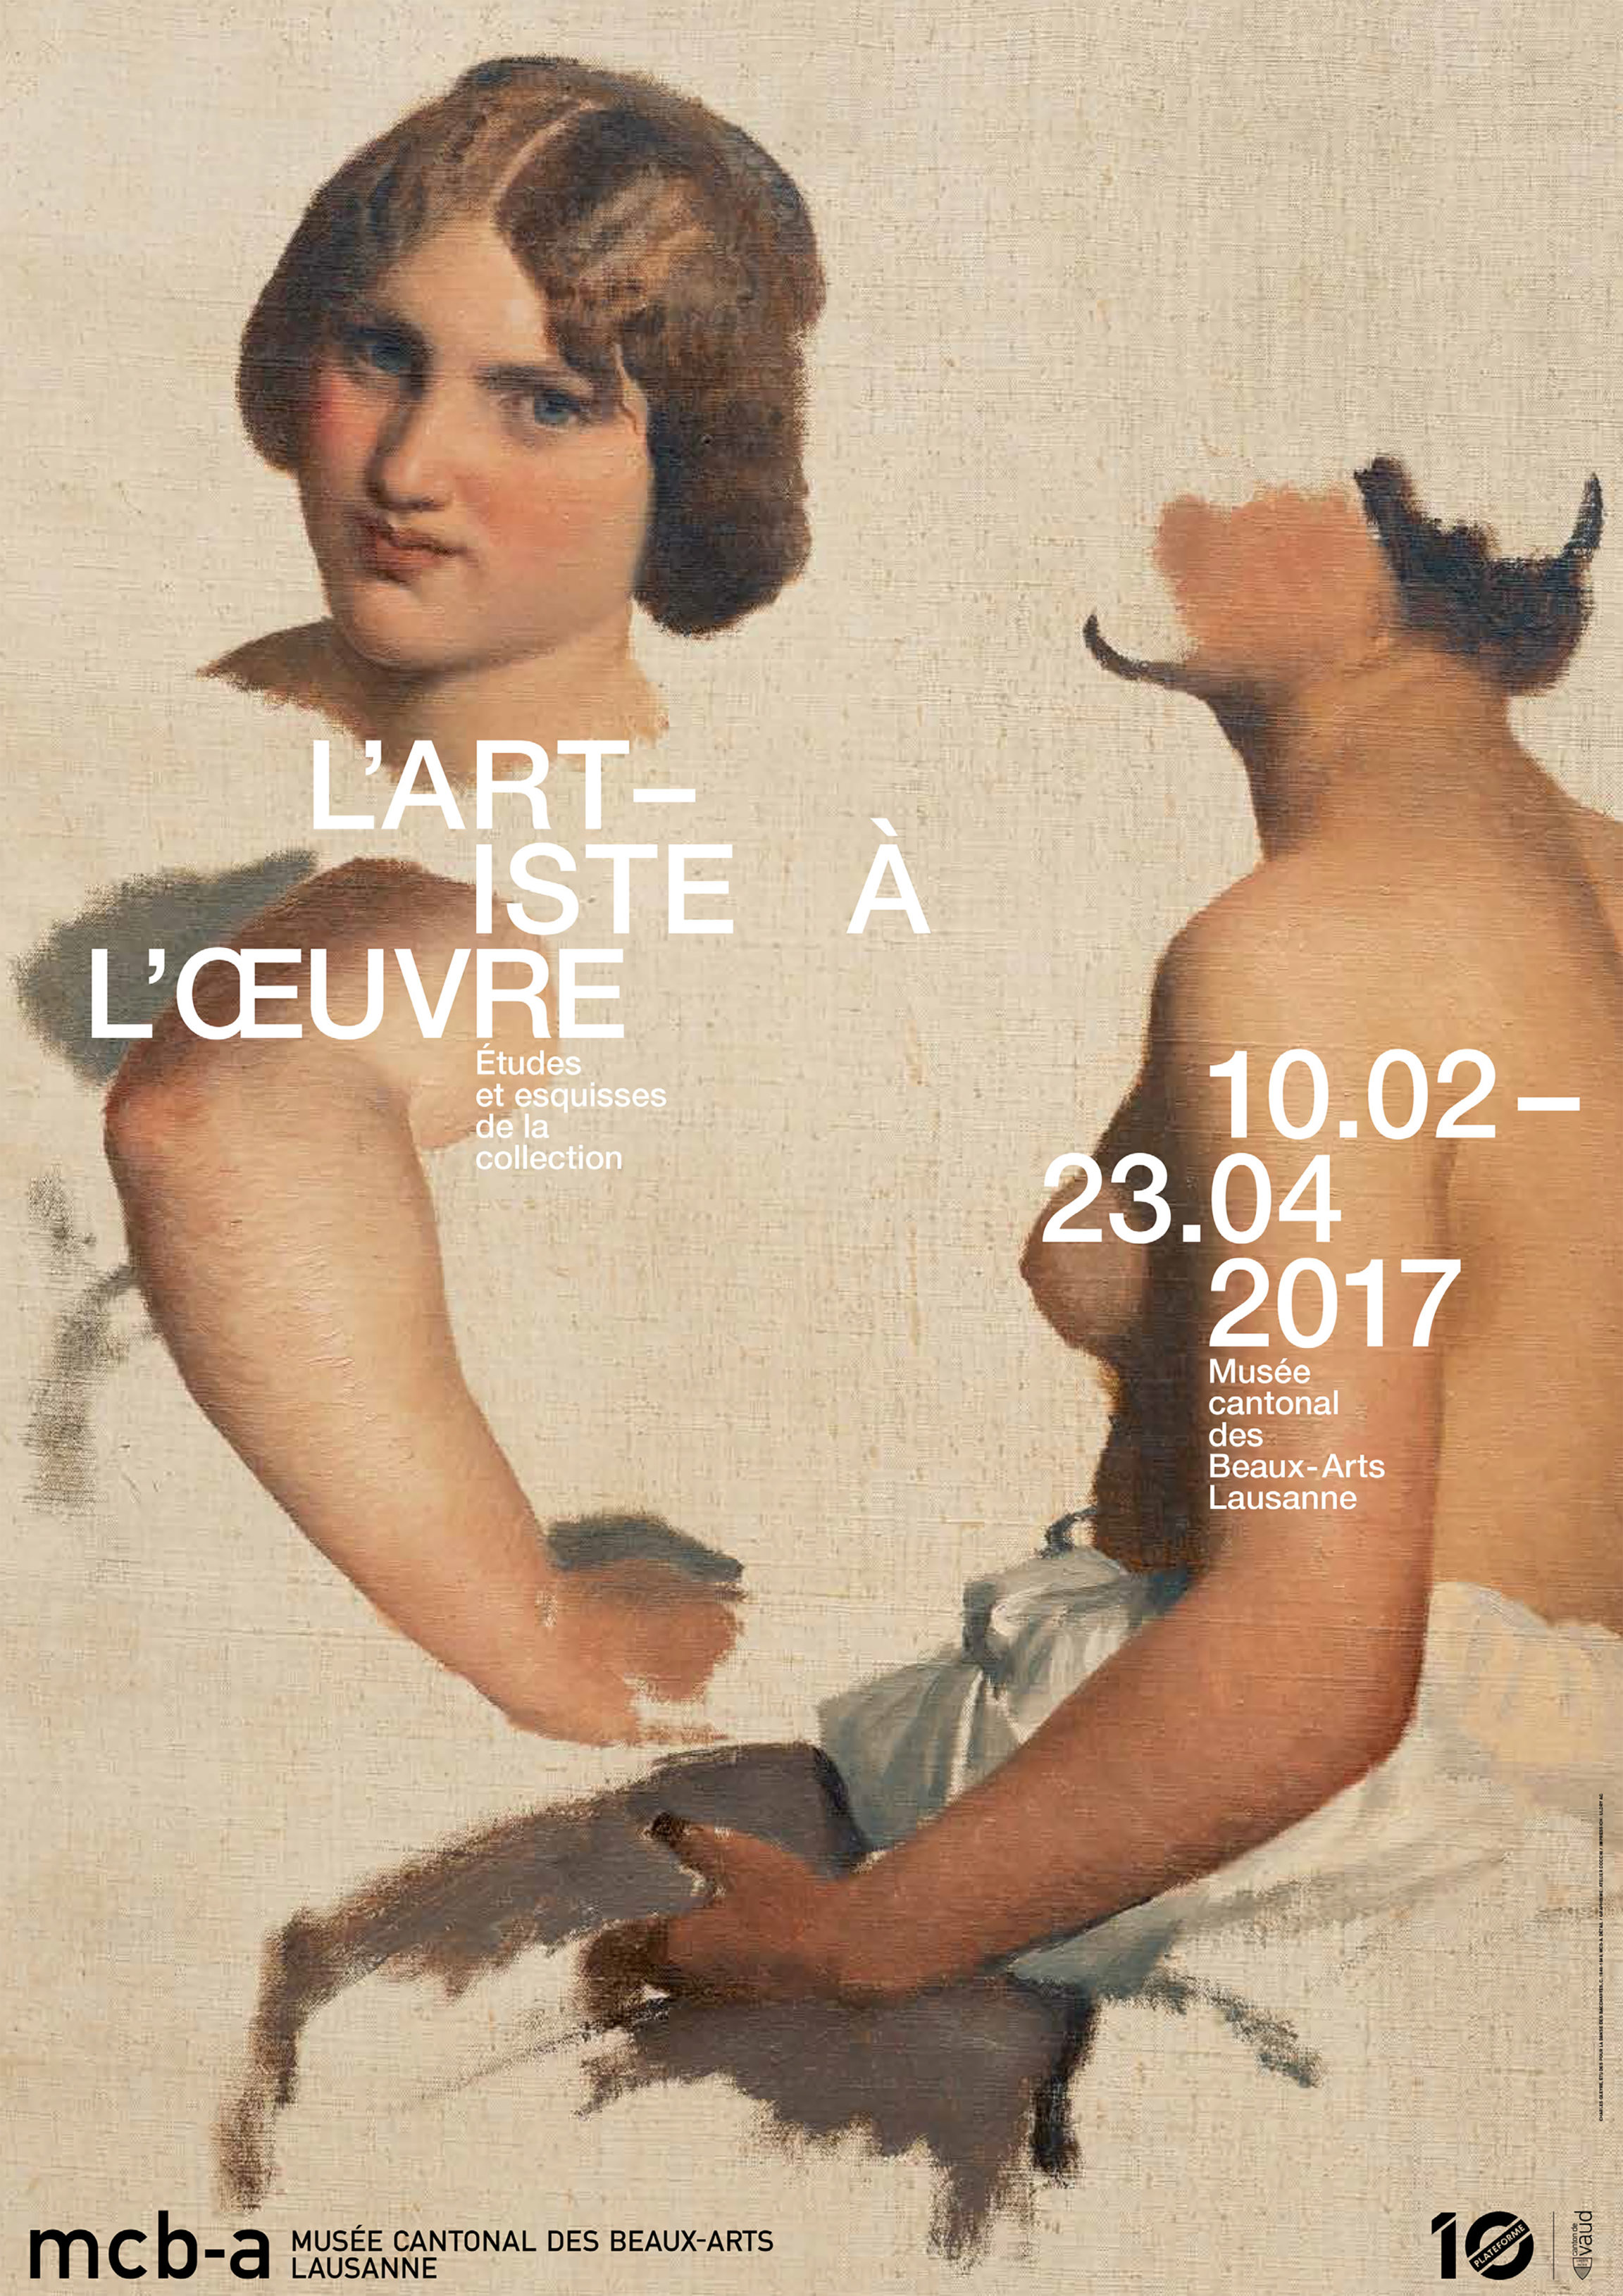 L'artiste à l'œuvre<br> Études et esquisses de la collection